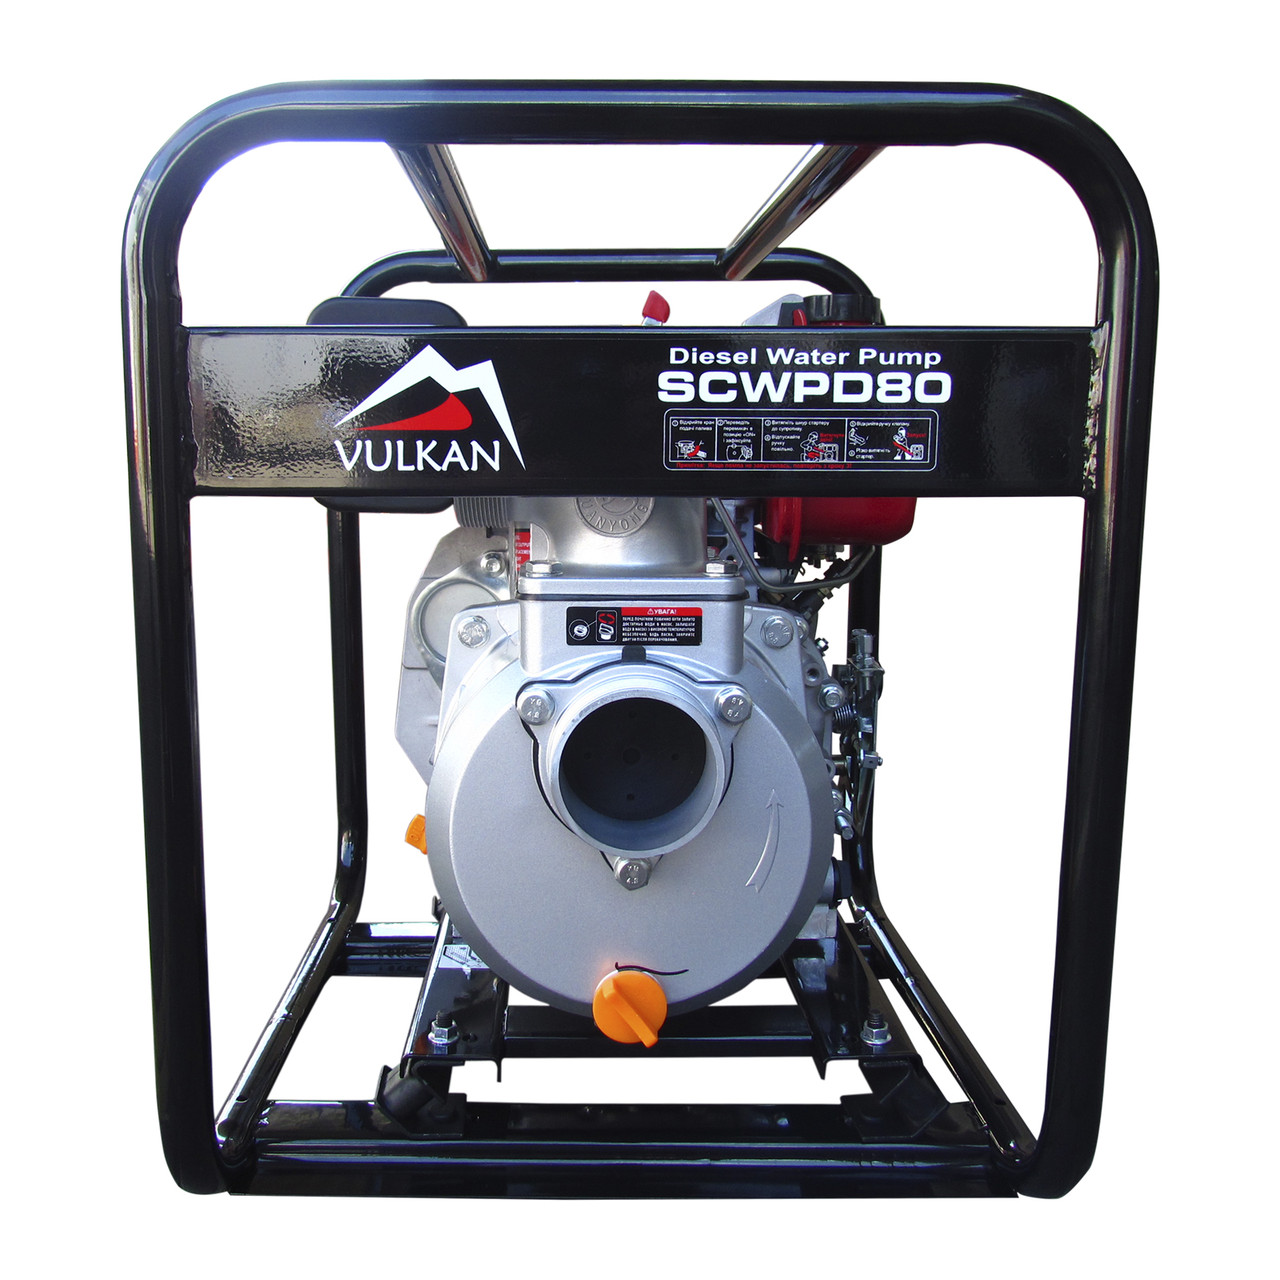 Мотопомпа дизельная Vulkan SCWPD80 для чистой воды